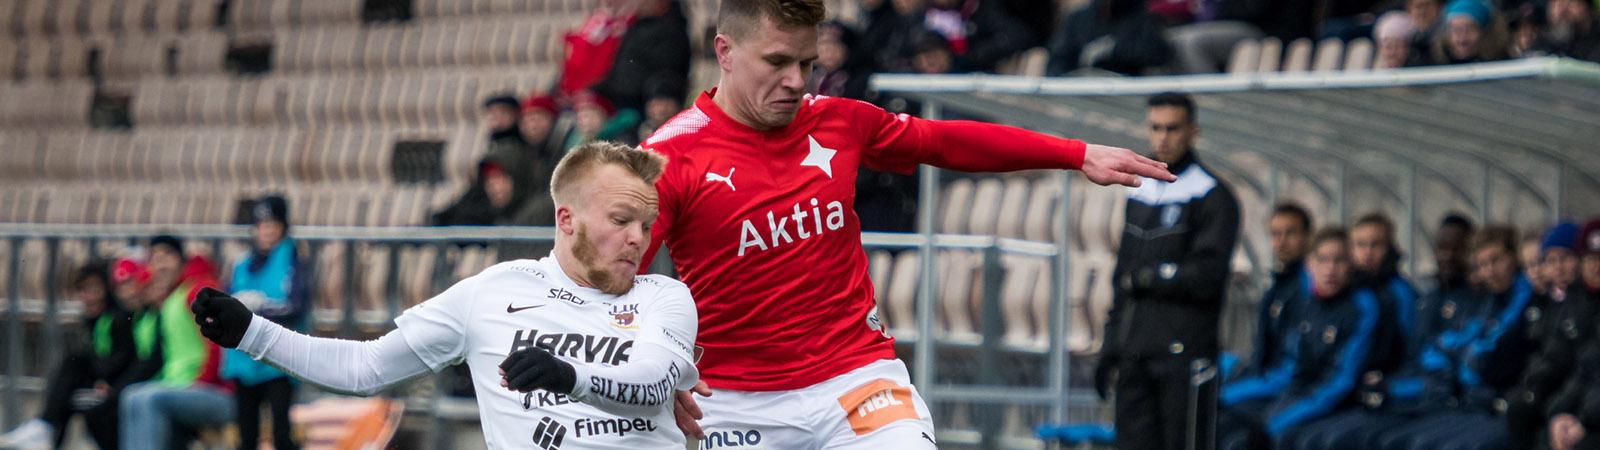 HIFK ja JJK maalittomaan tasapeliin <br> &#8211; Forssell debytoi IFK:ssa